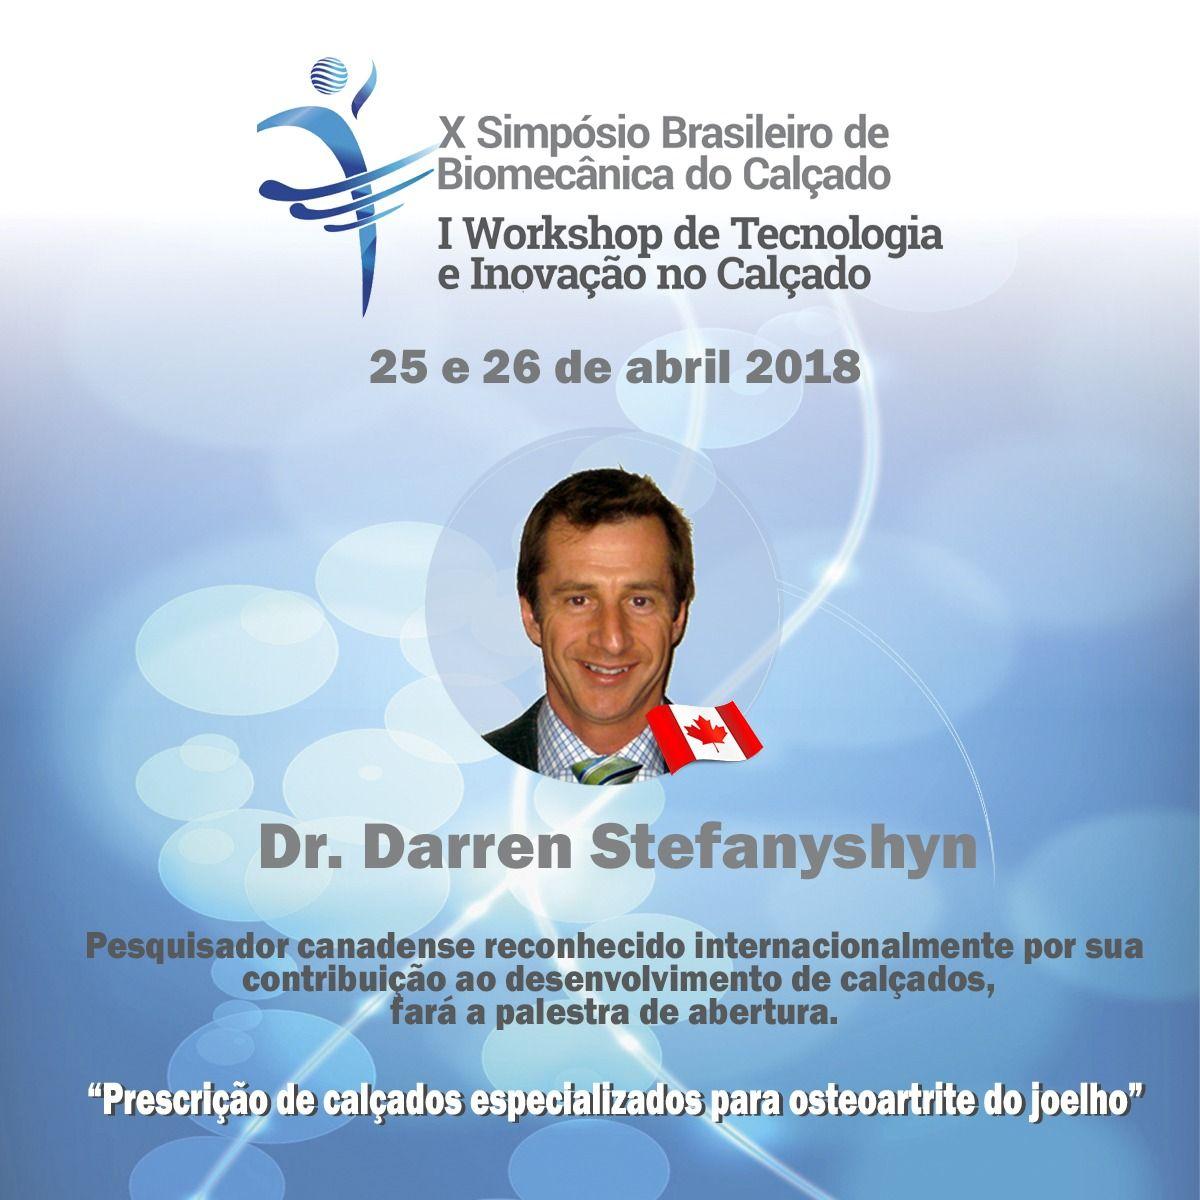 Pesquisador canadense fará a palestra de abertura do Simpósio de Biomecânica do Calçado